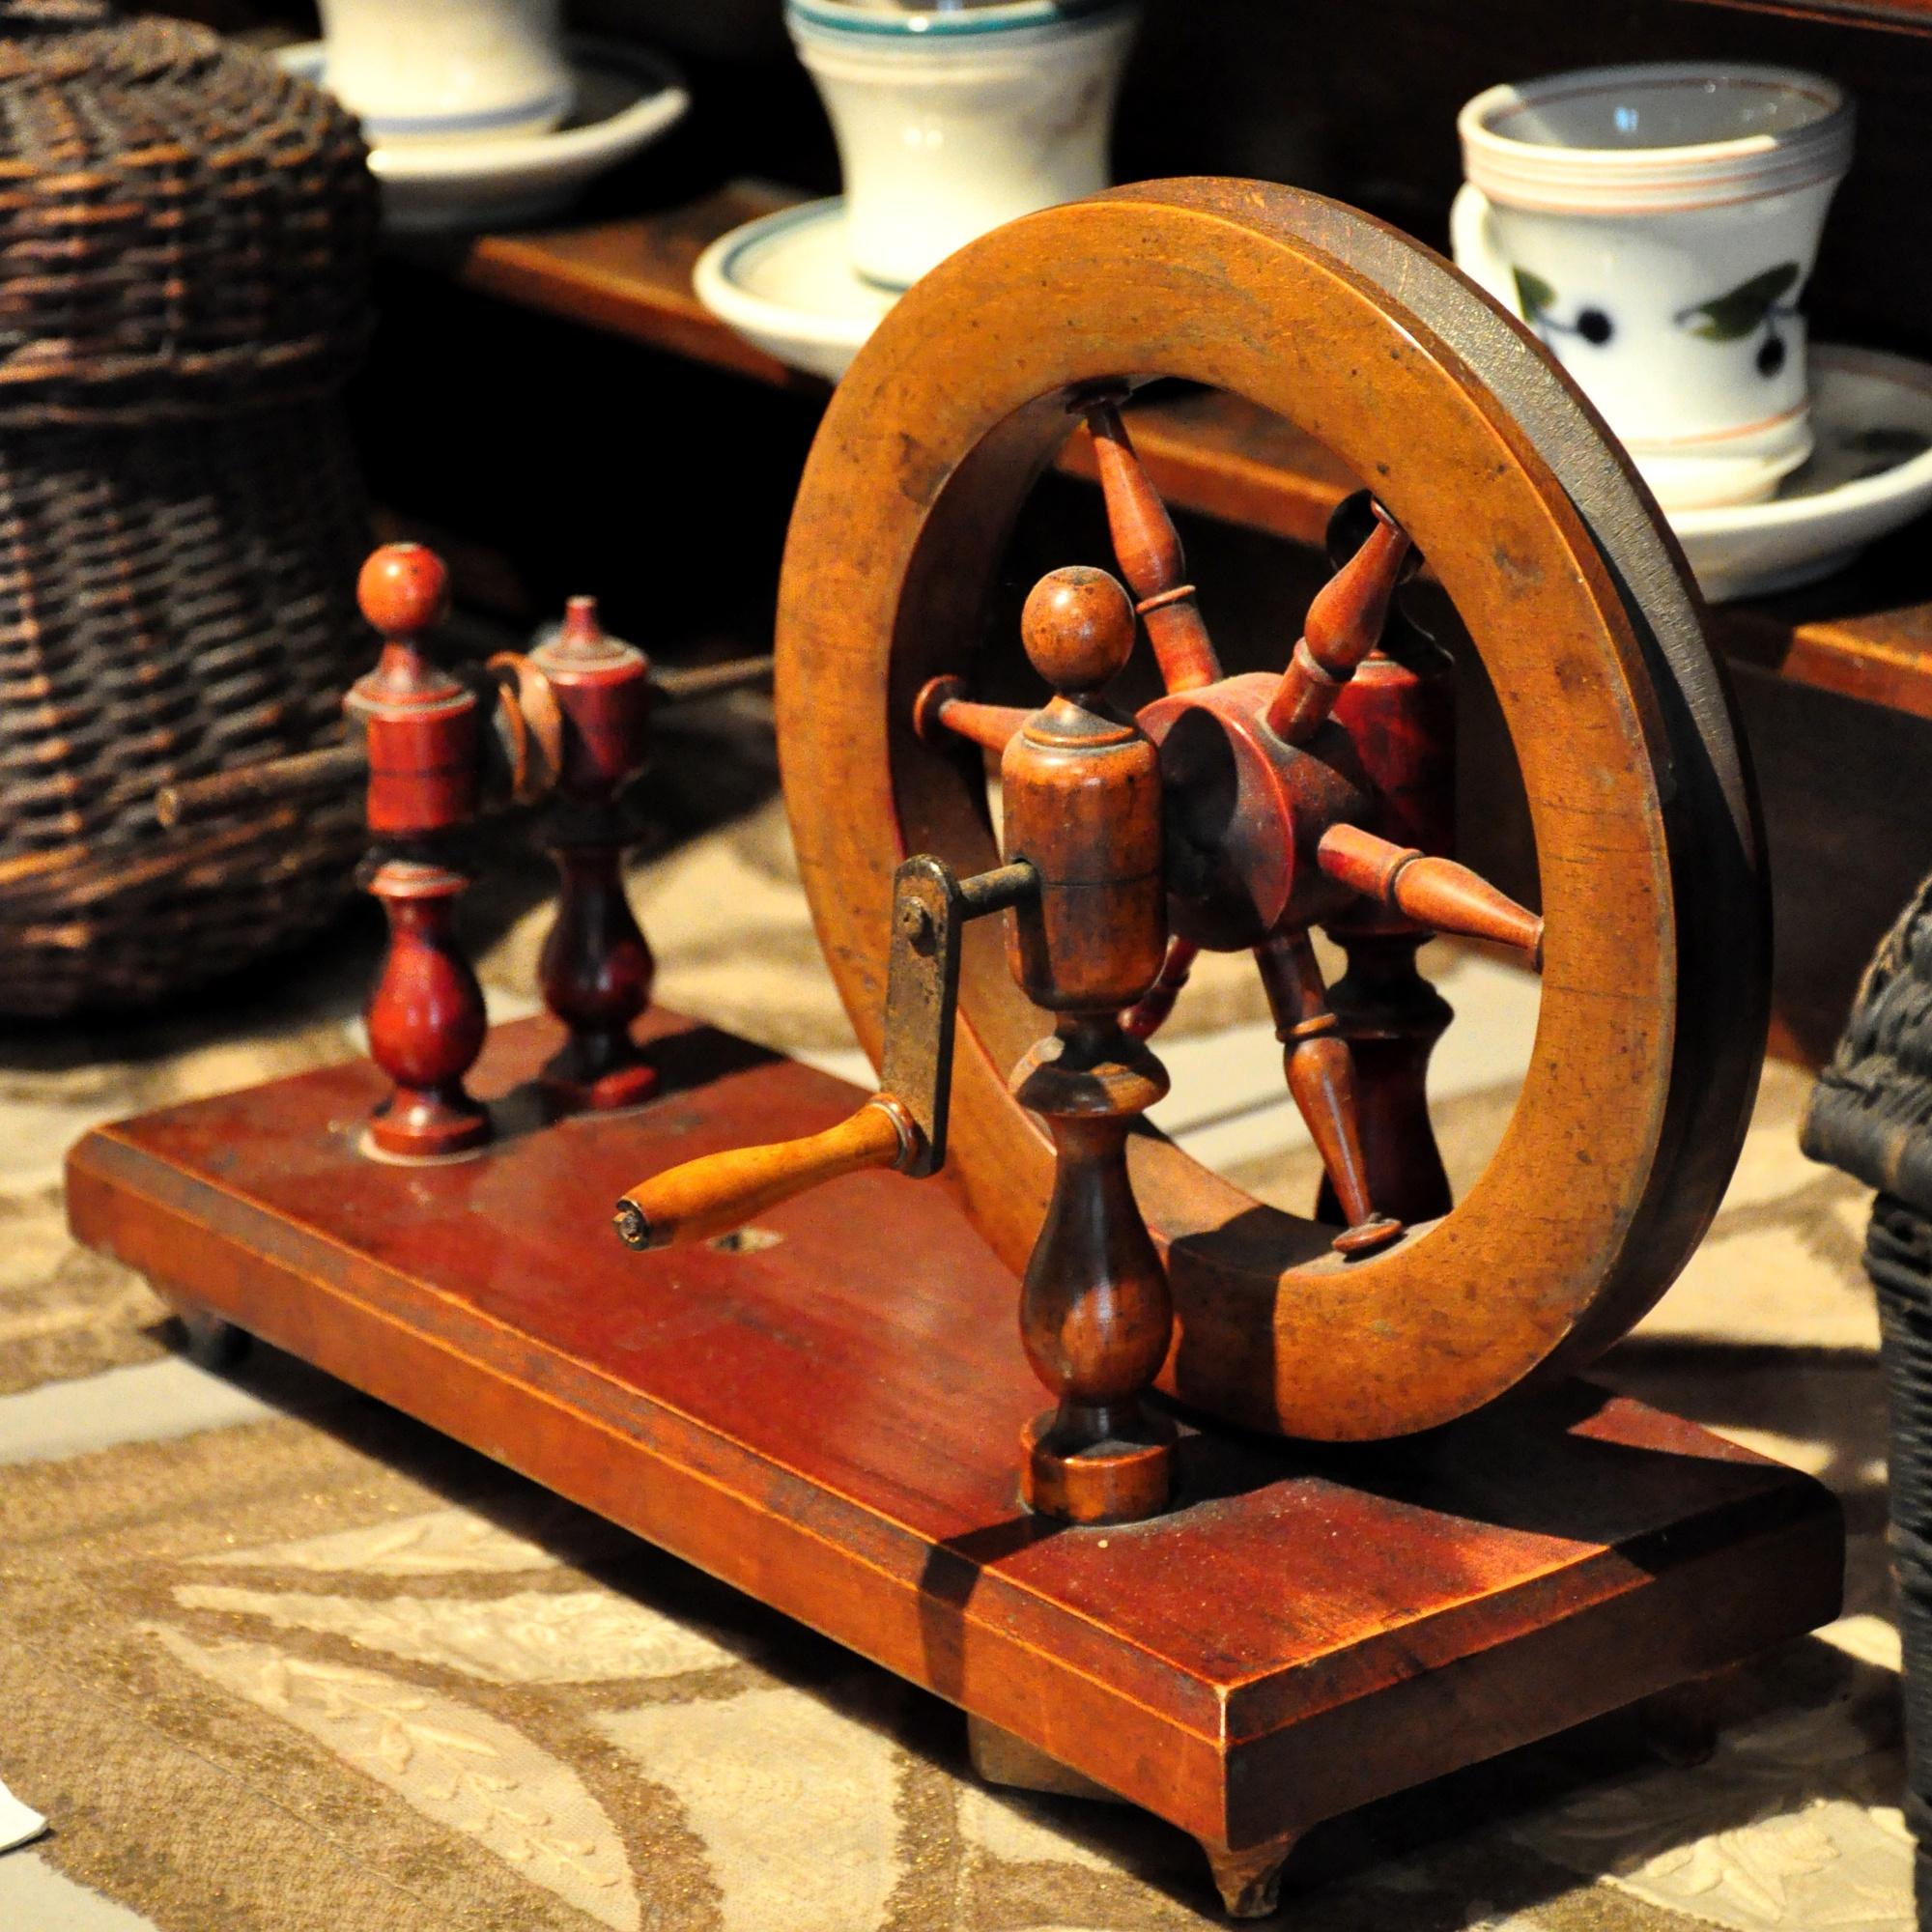 quelques photos d u0026 39 objets du mus u00e9e du vieux p u00e9rouges